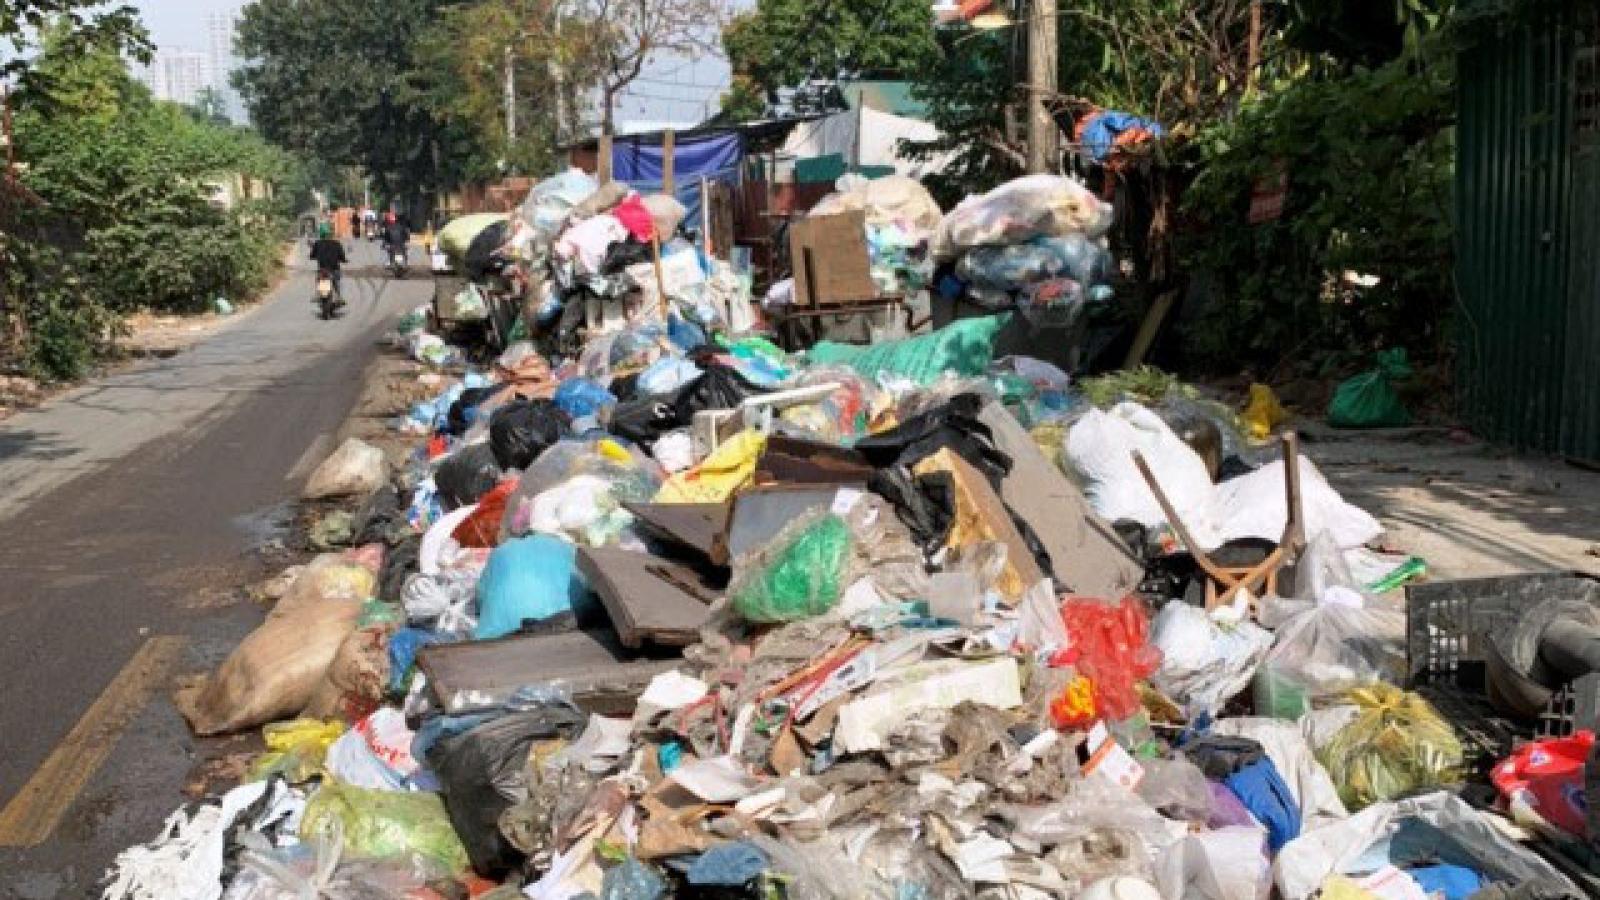 Chủ tịch Hà Nội yêu cầu thanh tra toàn diện việc thu gom rác của nhà thầu Minh Quân